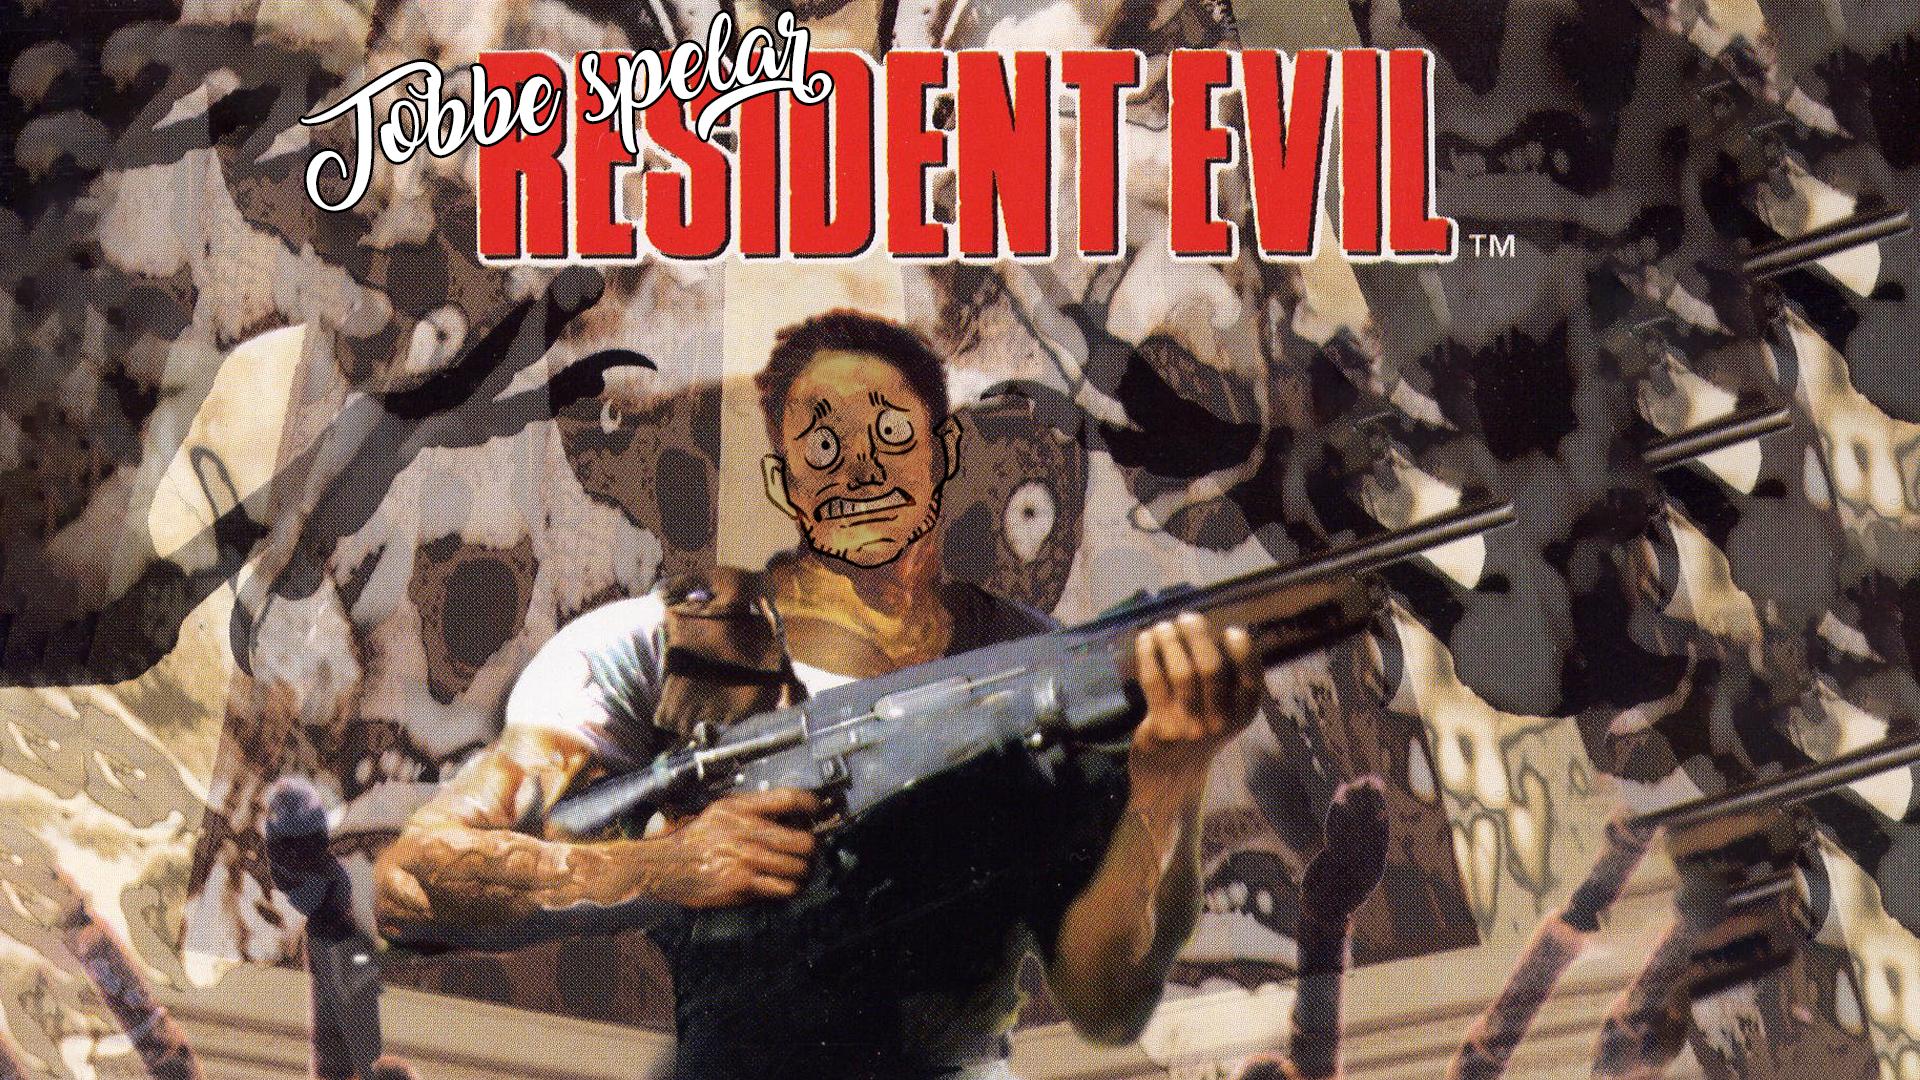 Tobbe spelar Resident Evil